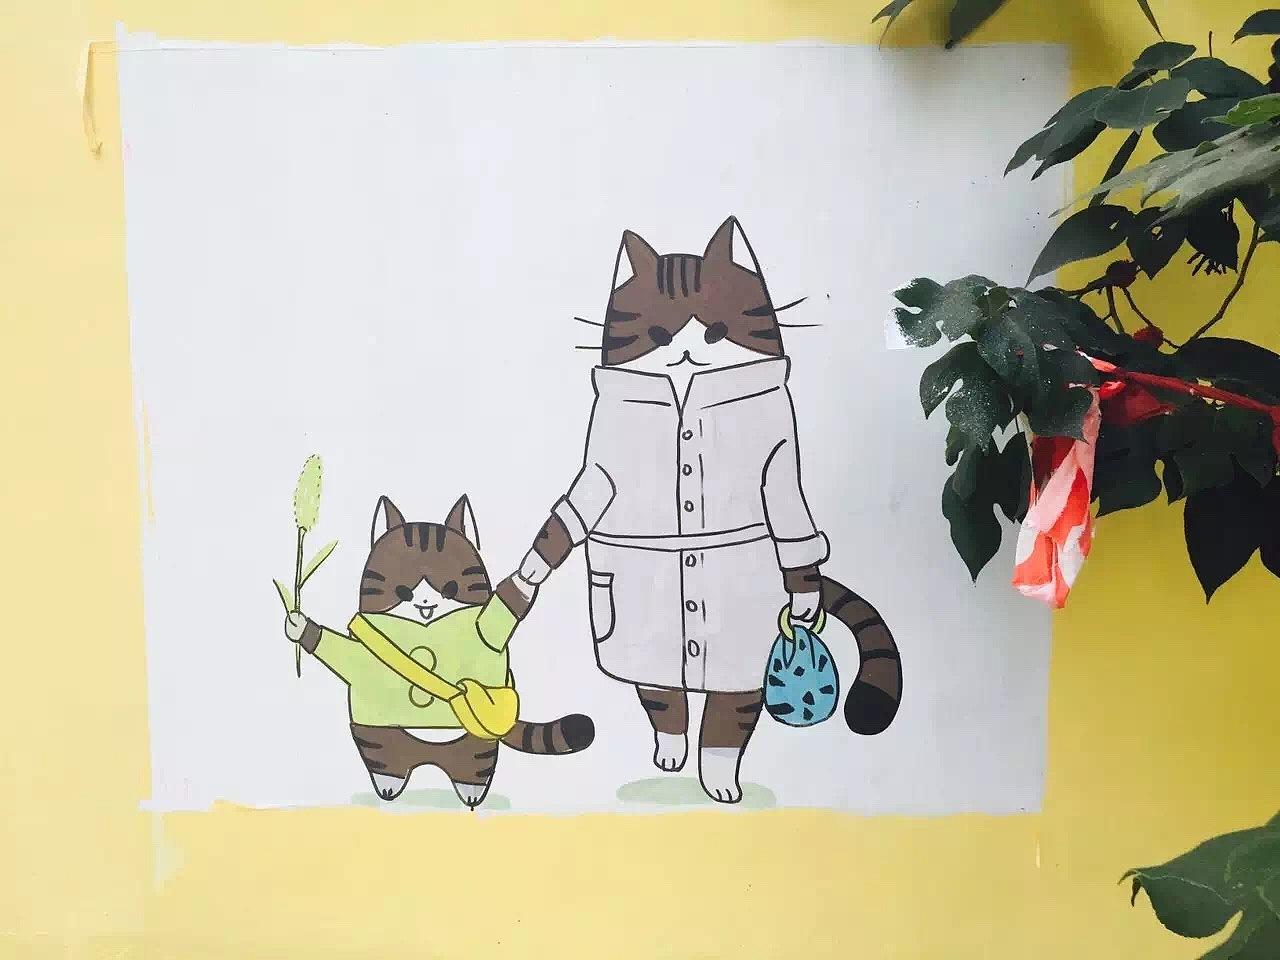 简单的卡通墙绘图片